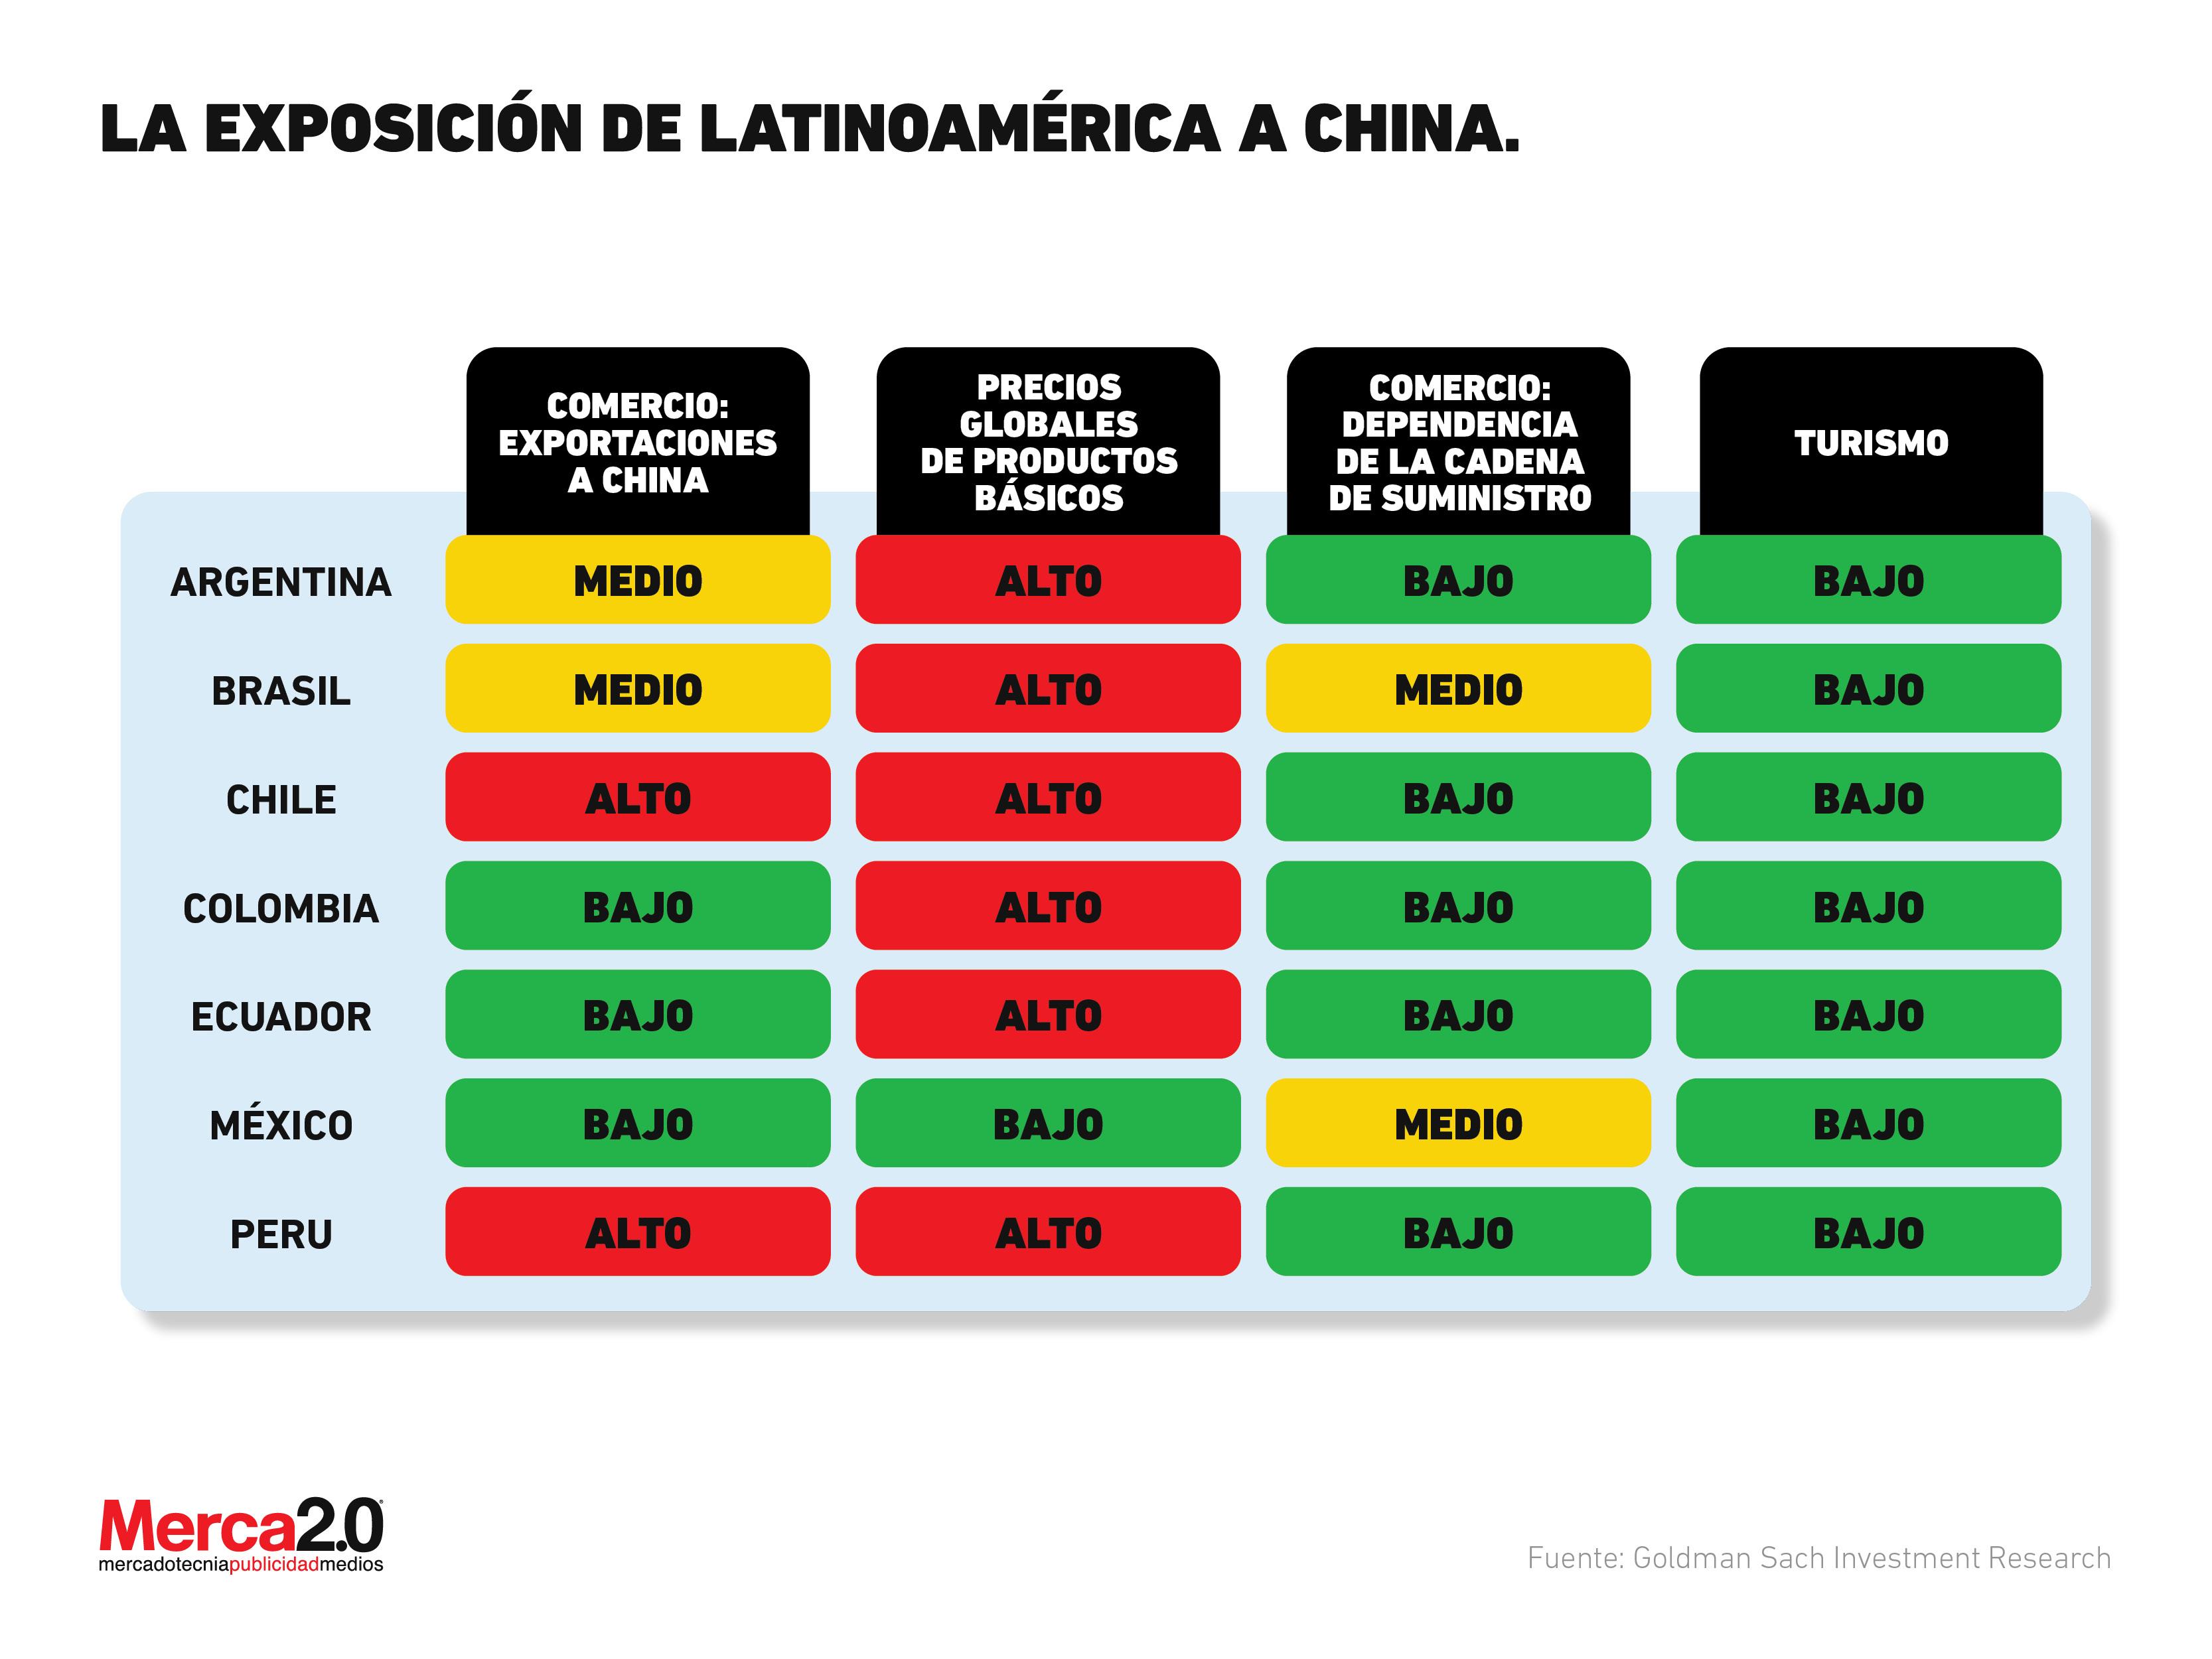 Las naciones que dependen de China